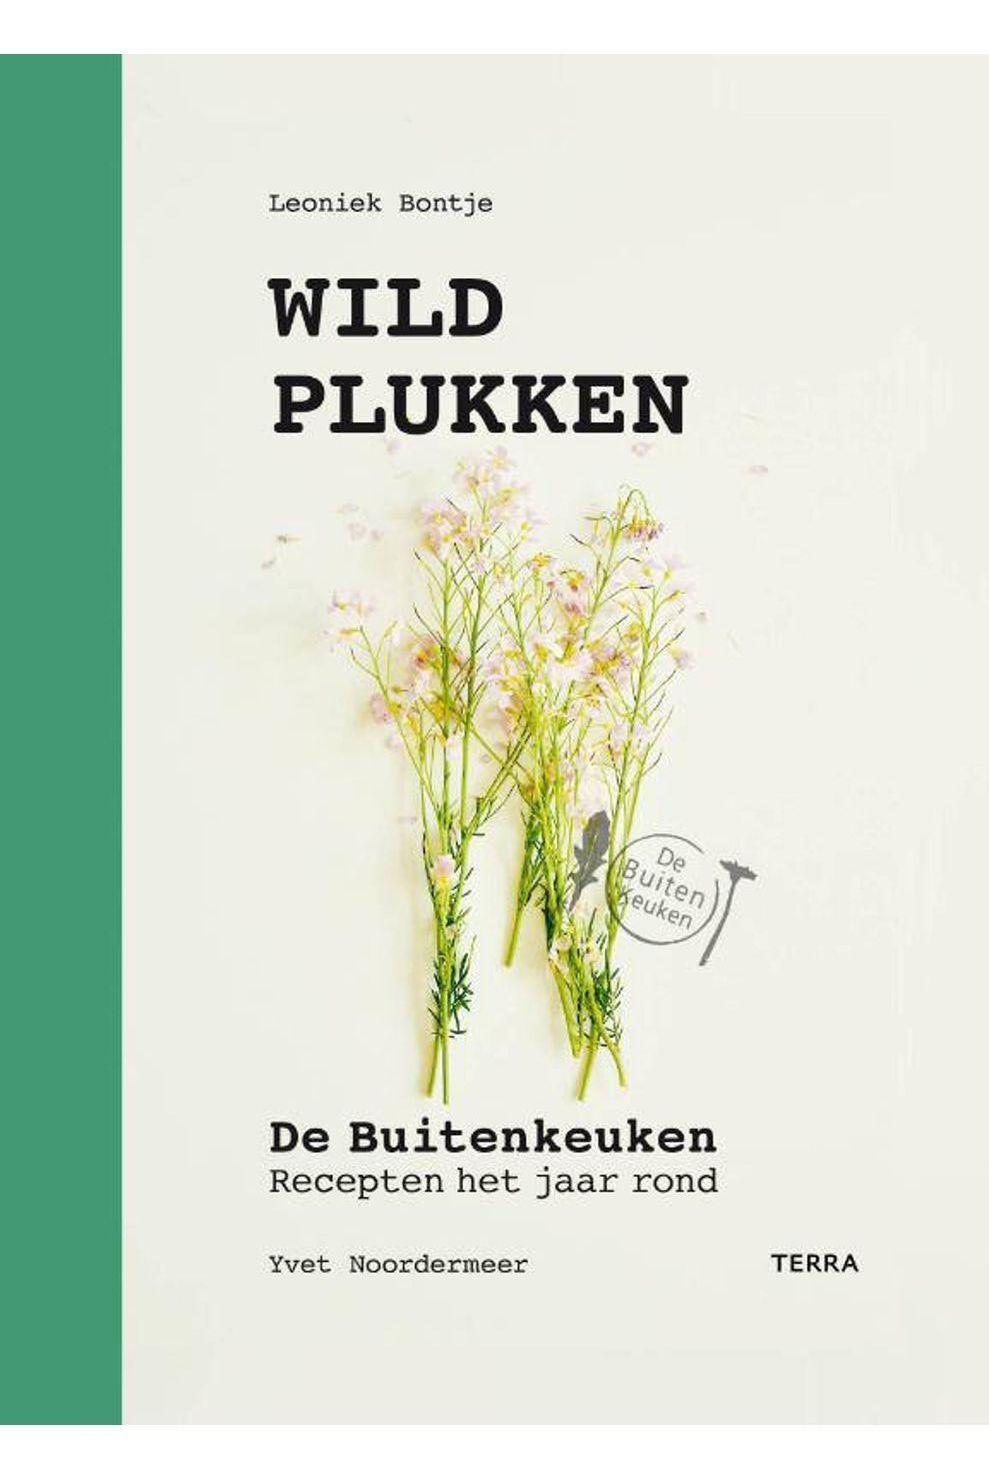 Outdoor Wildplukken - 2020